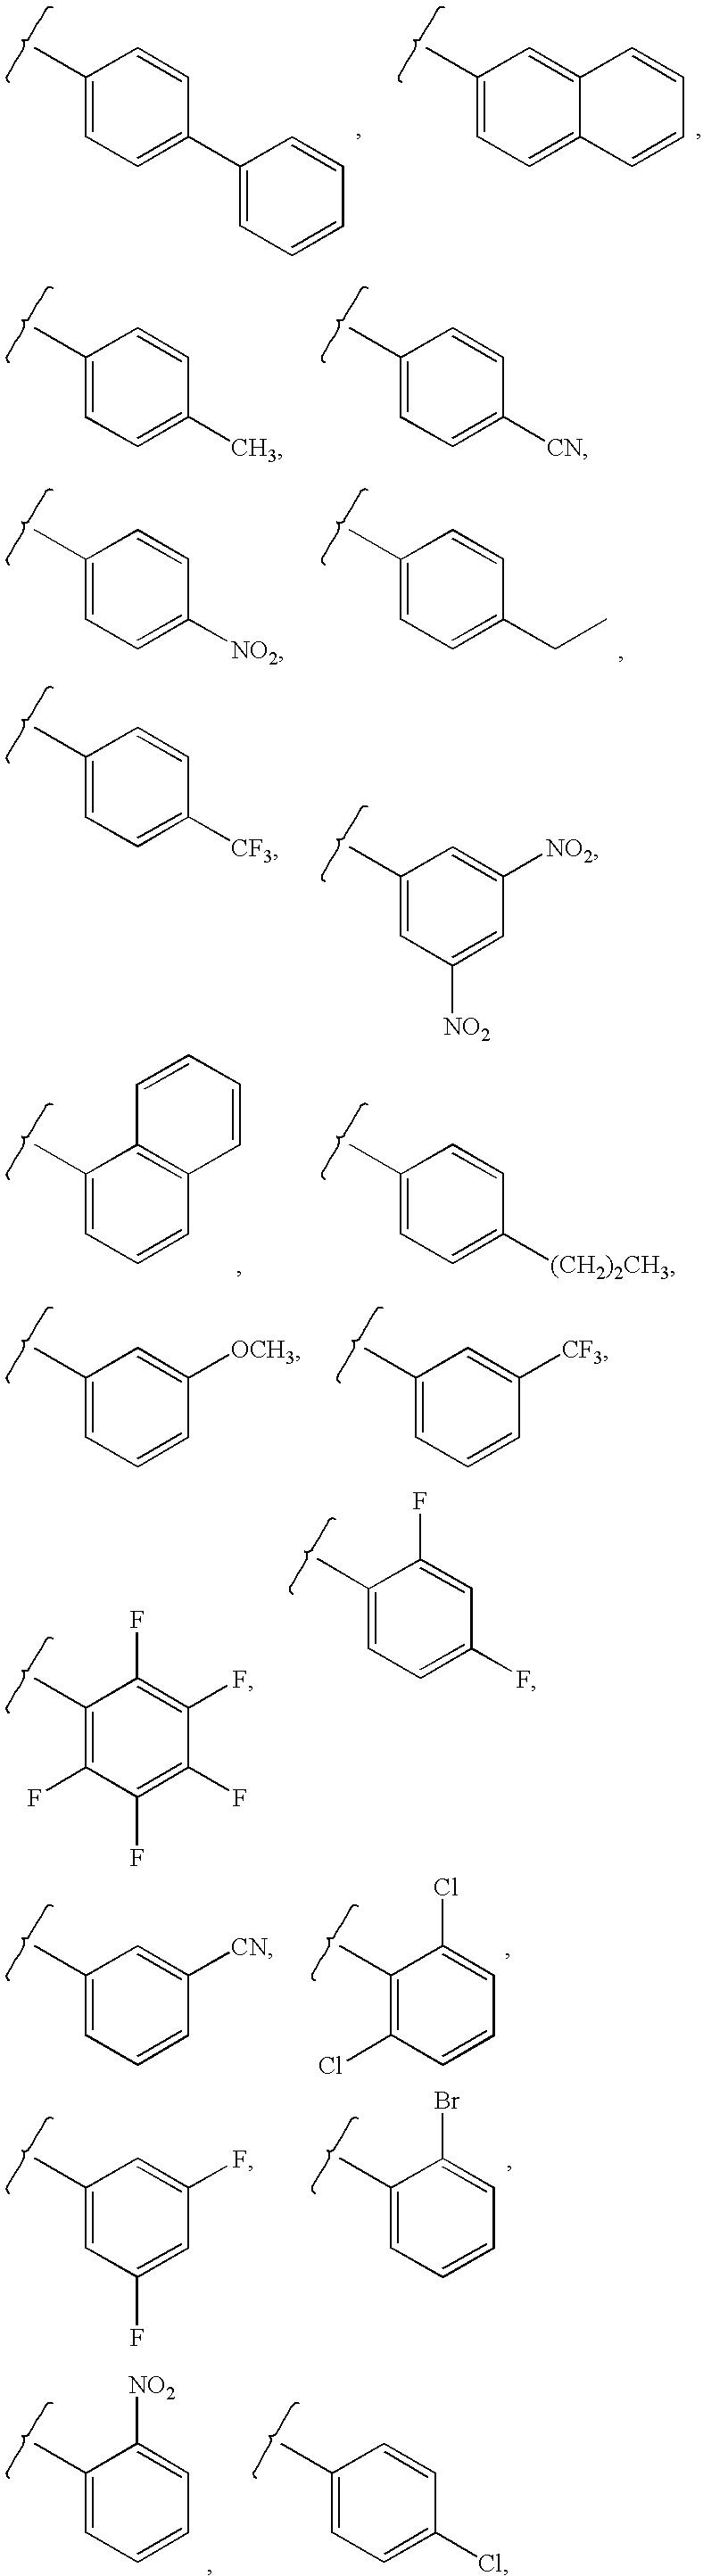 Figure US07709518-20100504-C00027